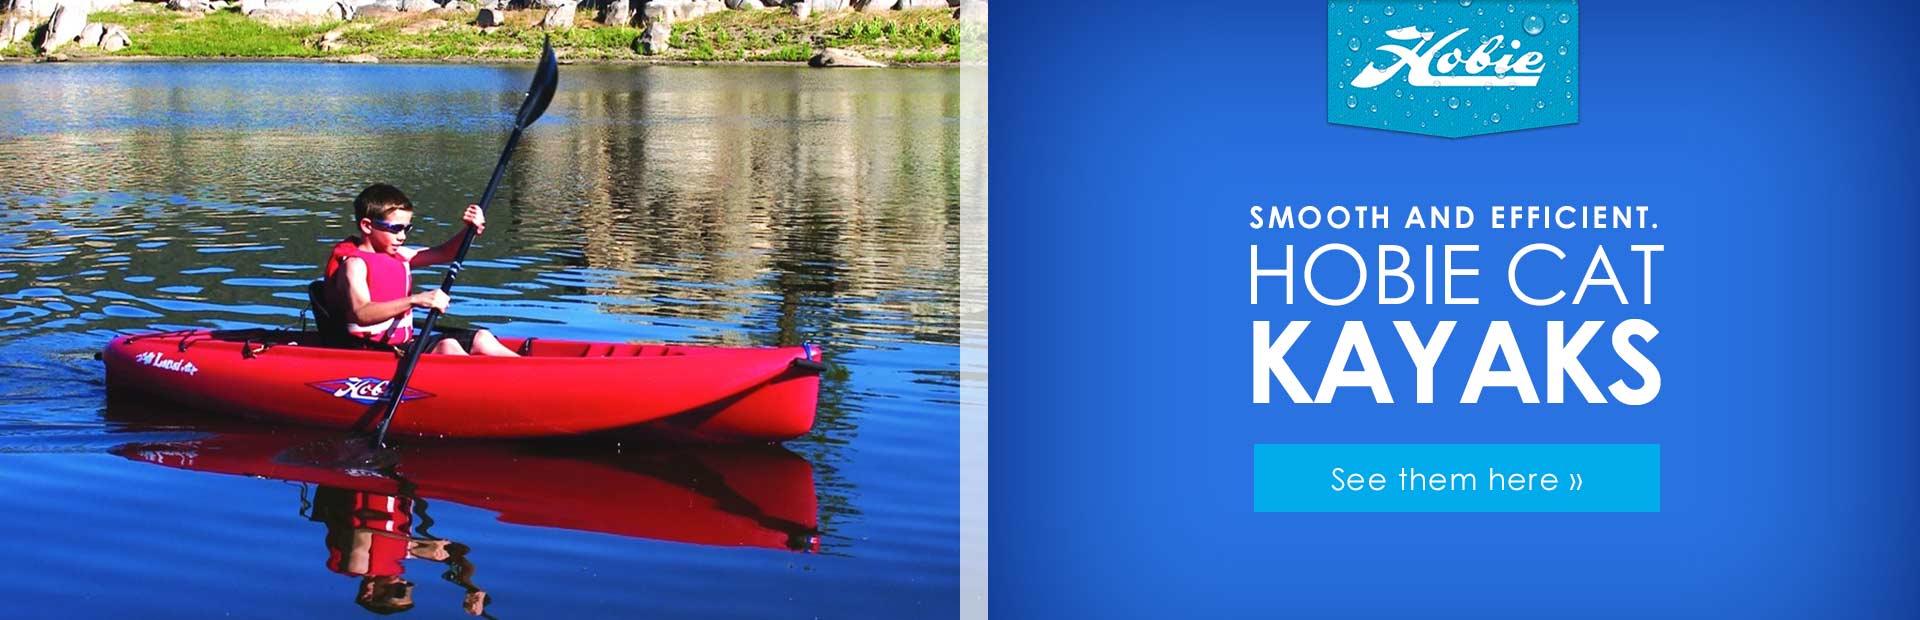 Home South Bay Sail and Kayak Central Square, NY (315) 438-8915